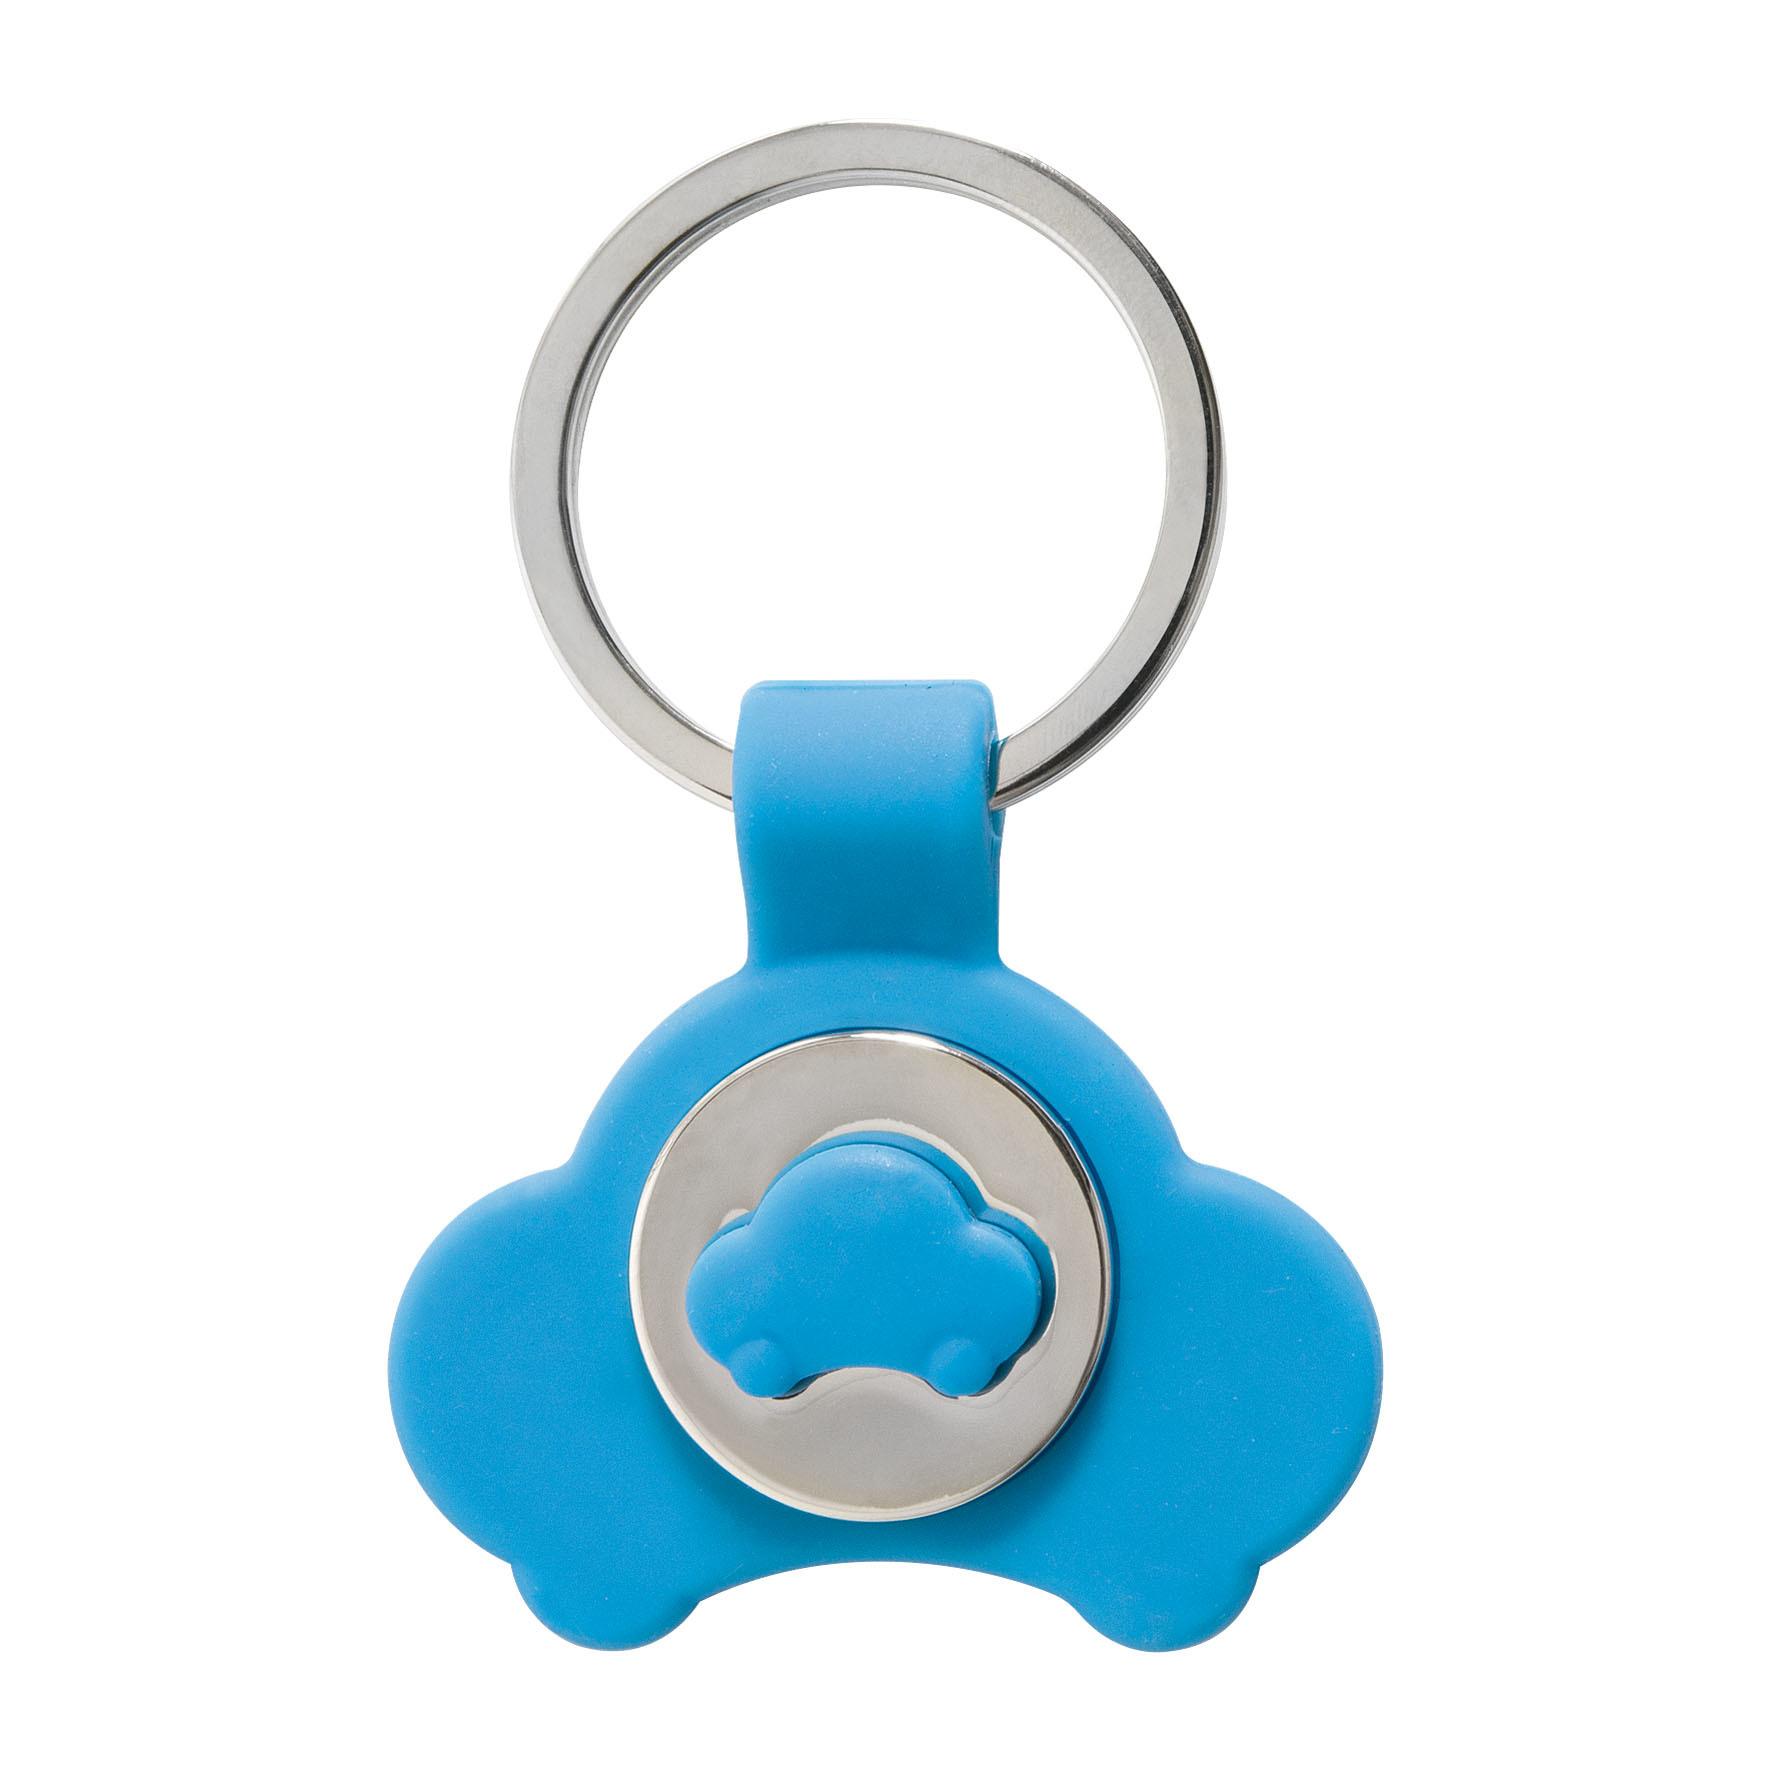 Porte-clés jeton voiture - 22-1162-22